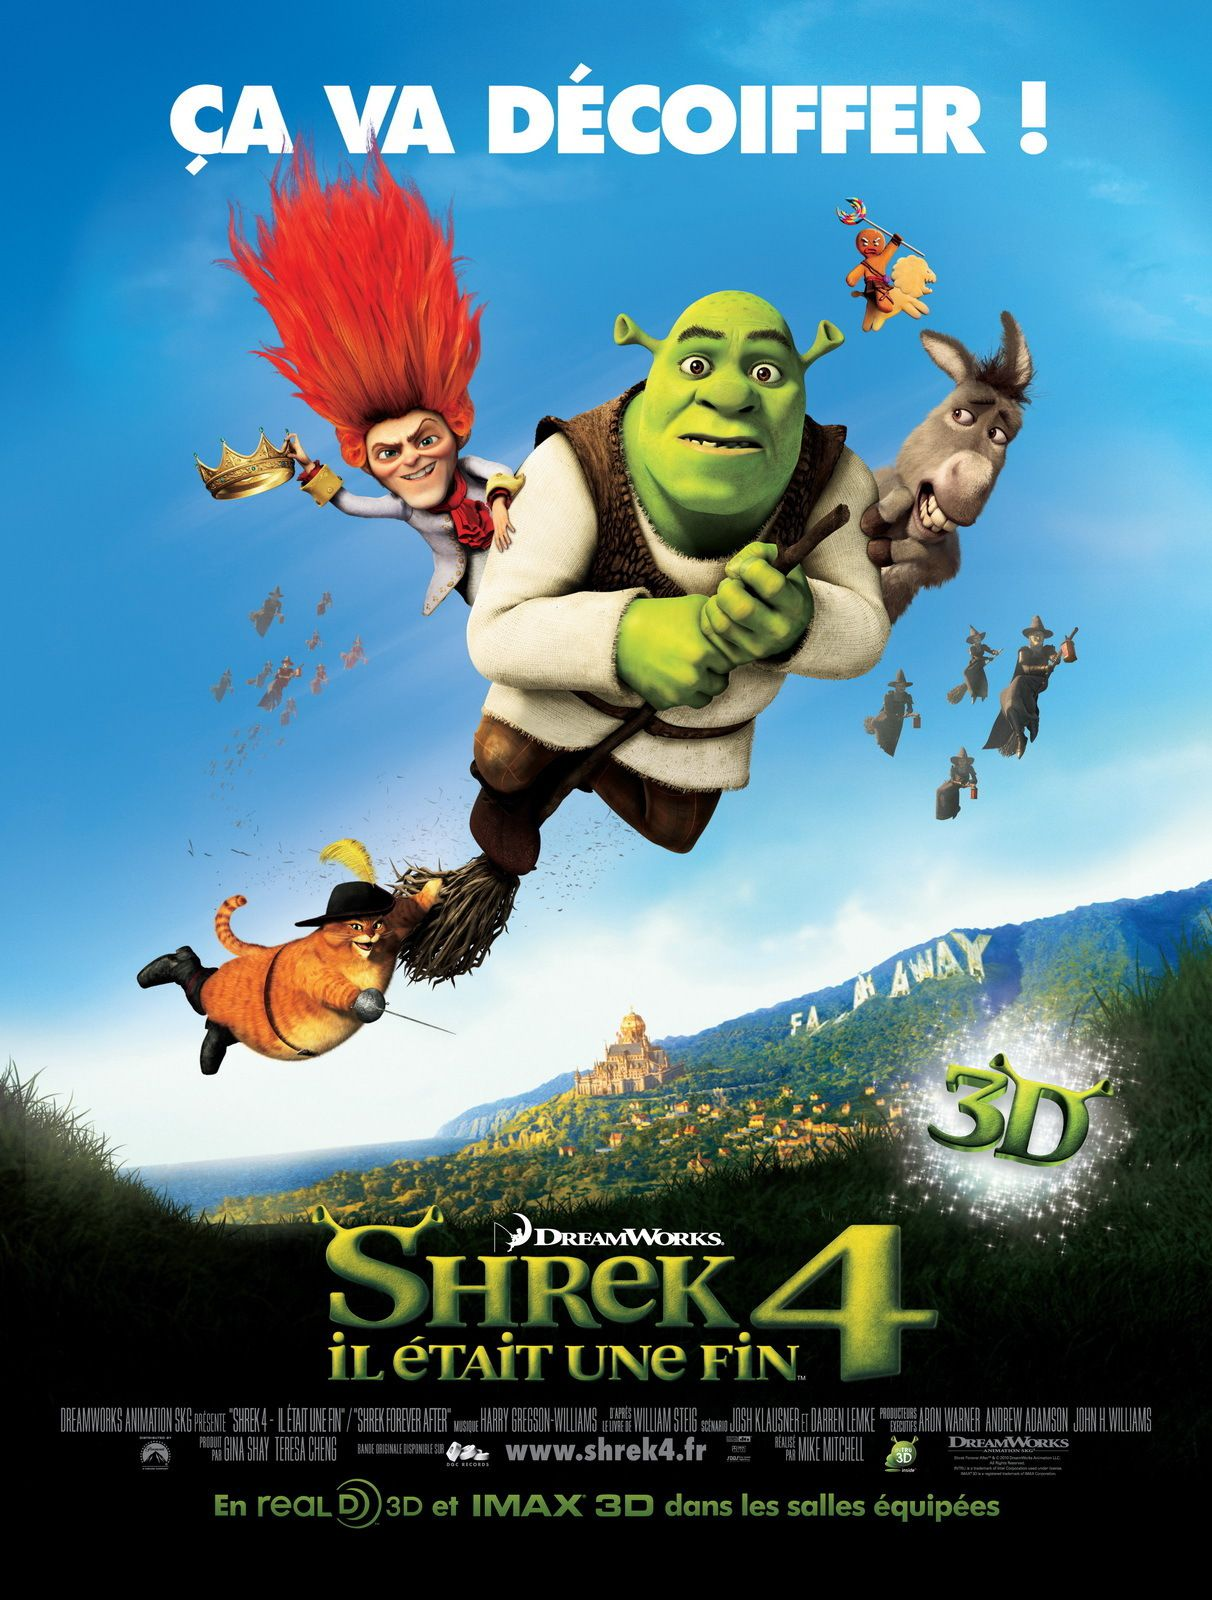 Shrek 4 : Il était une fin - Long-métrage d'animation (2010)